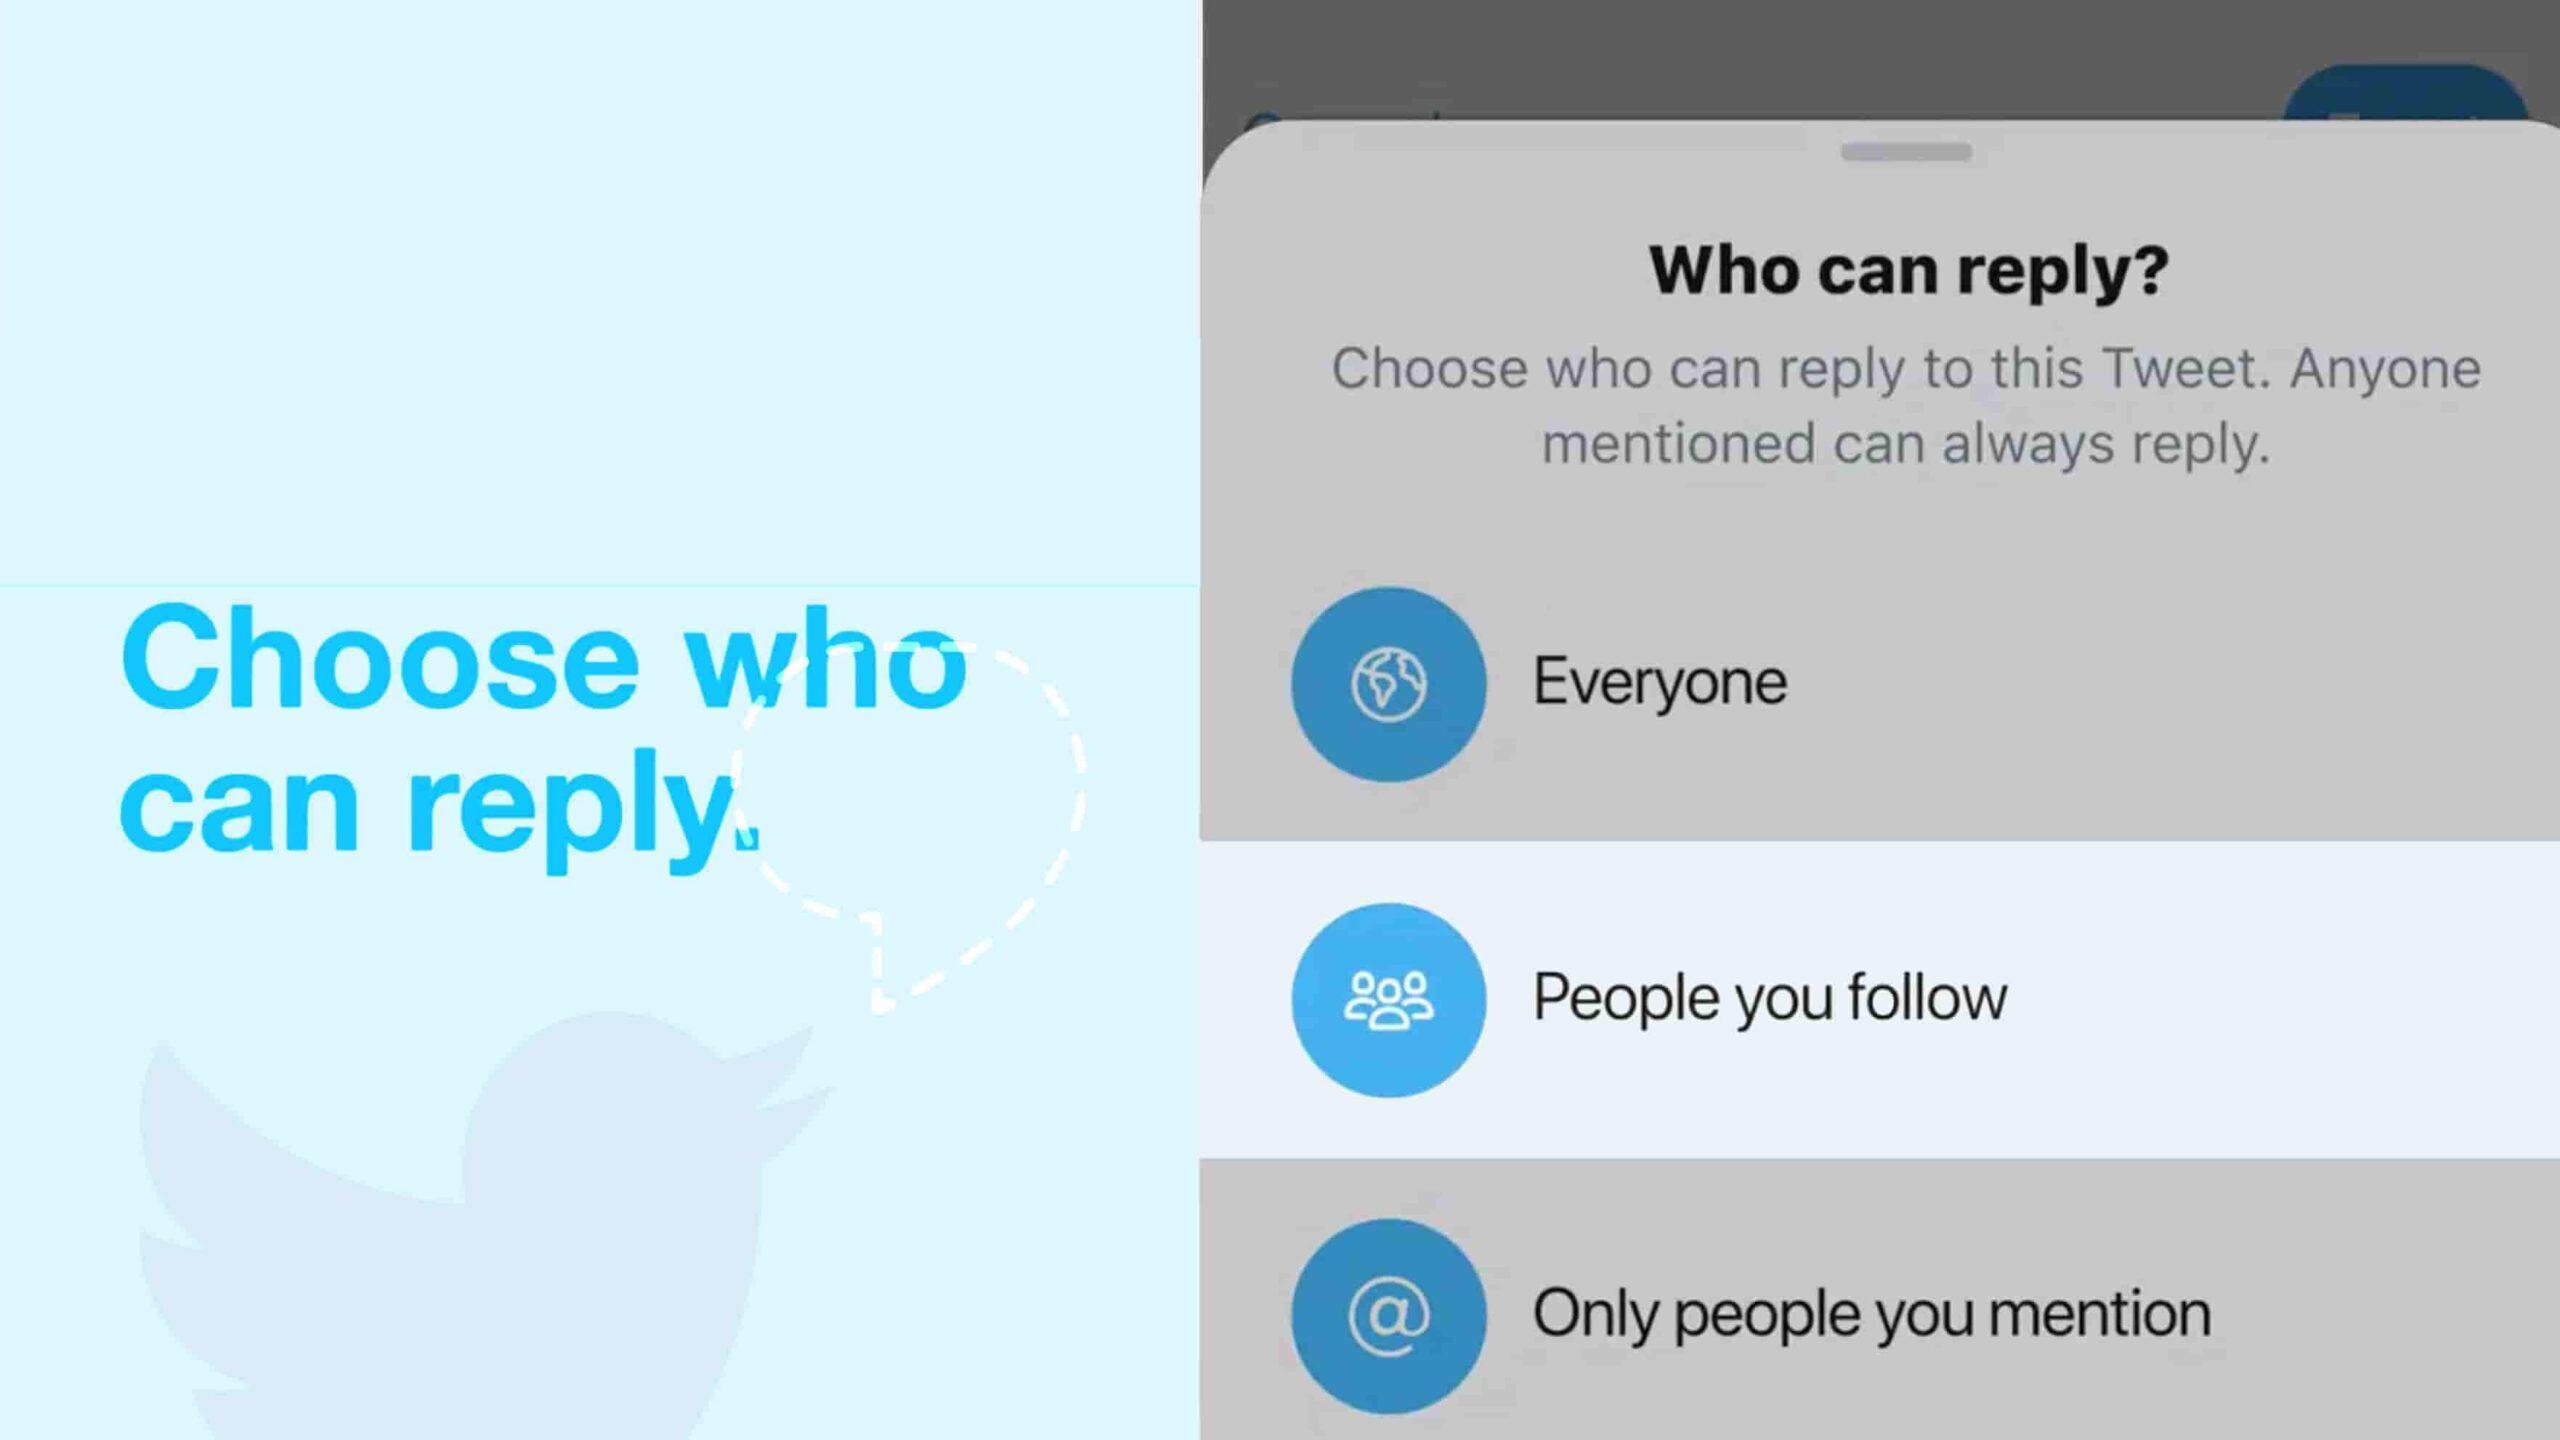 ایجاد محدودیت در پاسخ به توییت - آموزش کامل